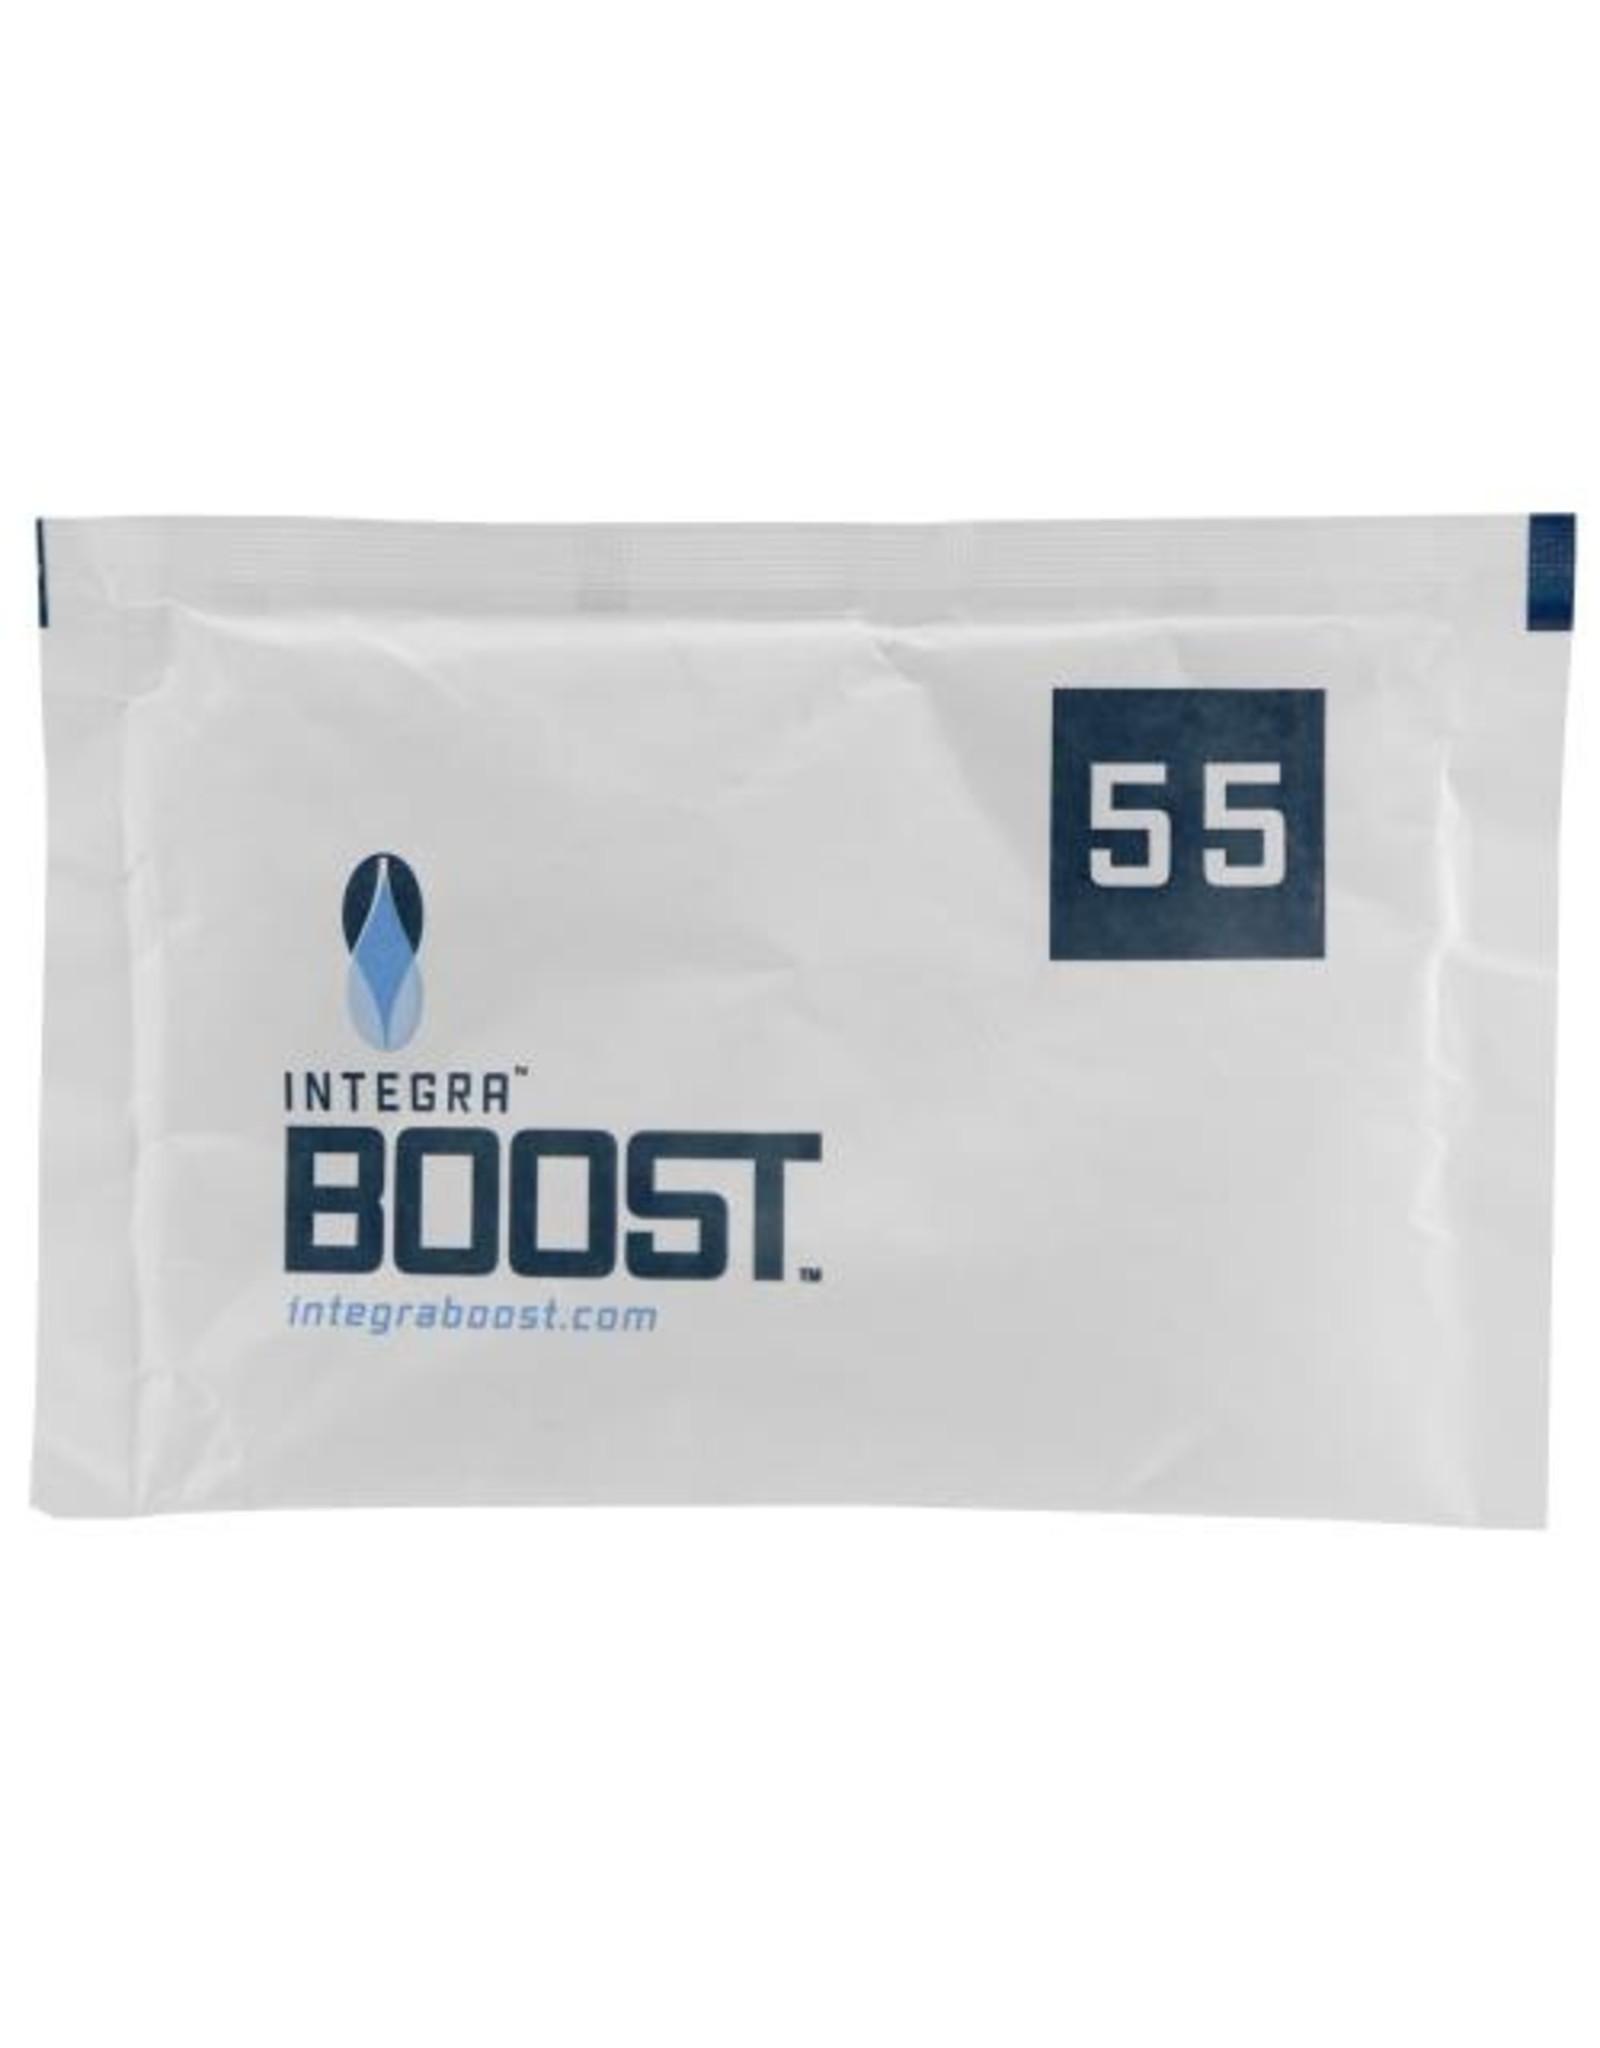 Integra Boost Integra Boost 67g Humidiccant 55%